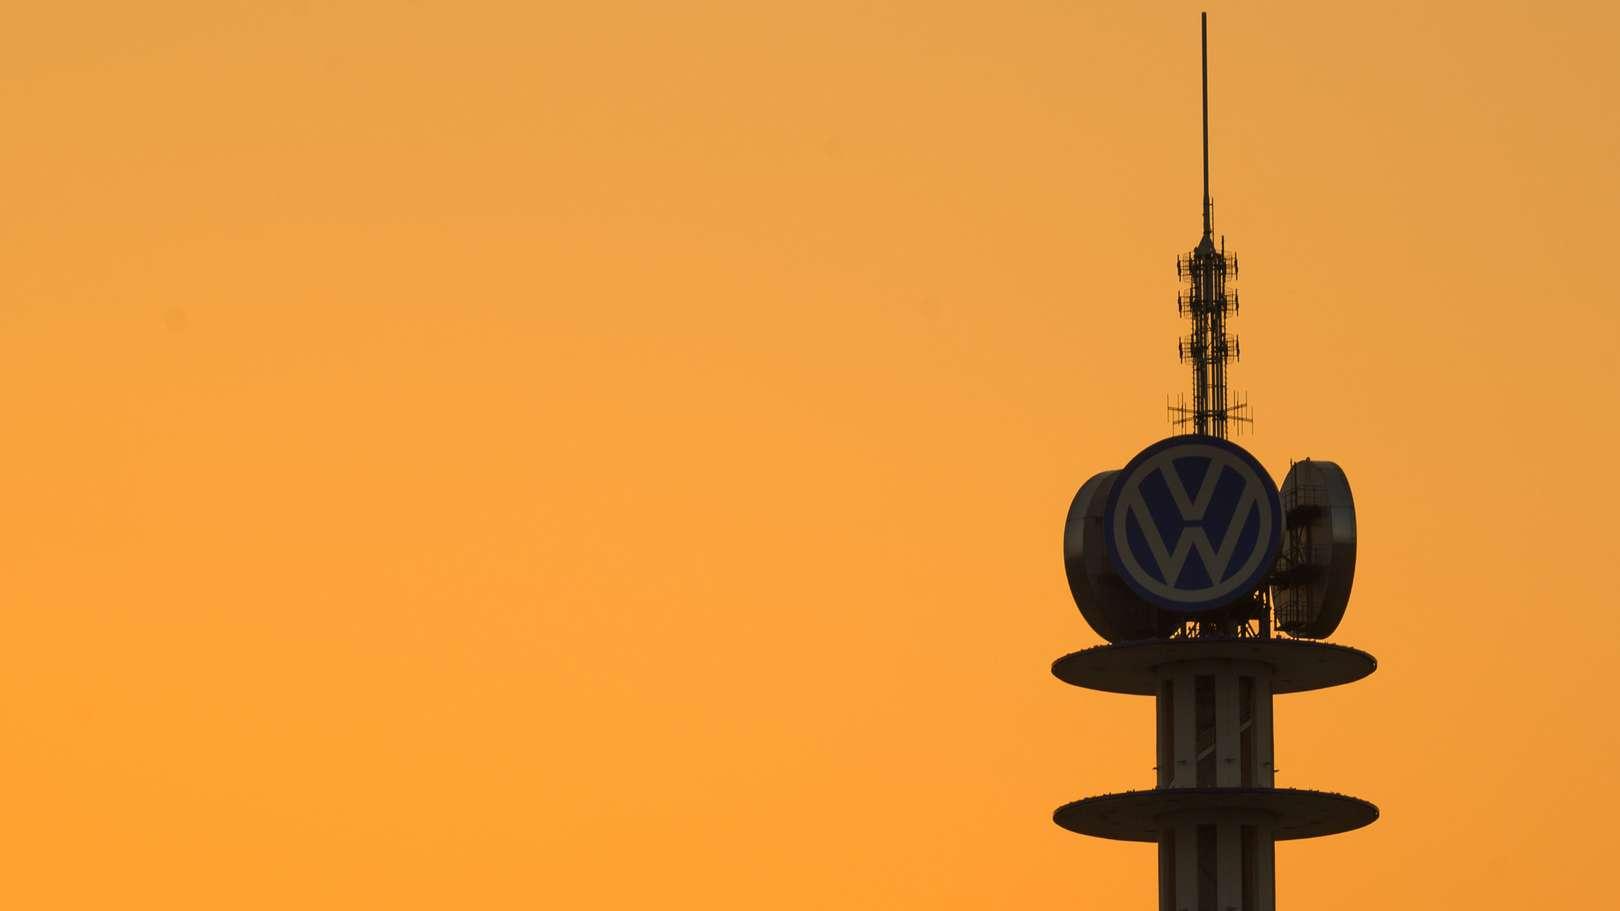 Die Sonne geht hinter dem VW-Turm unter.